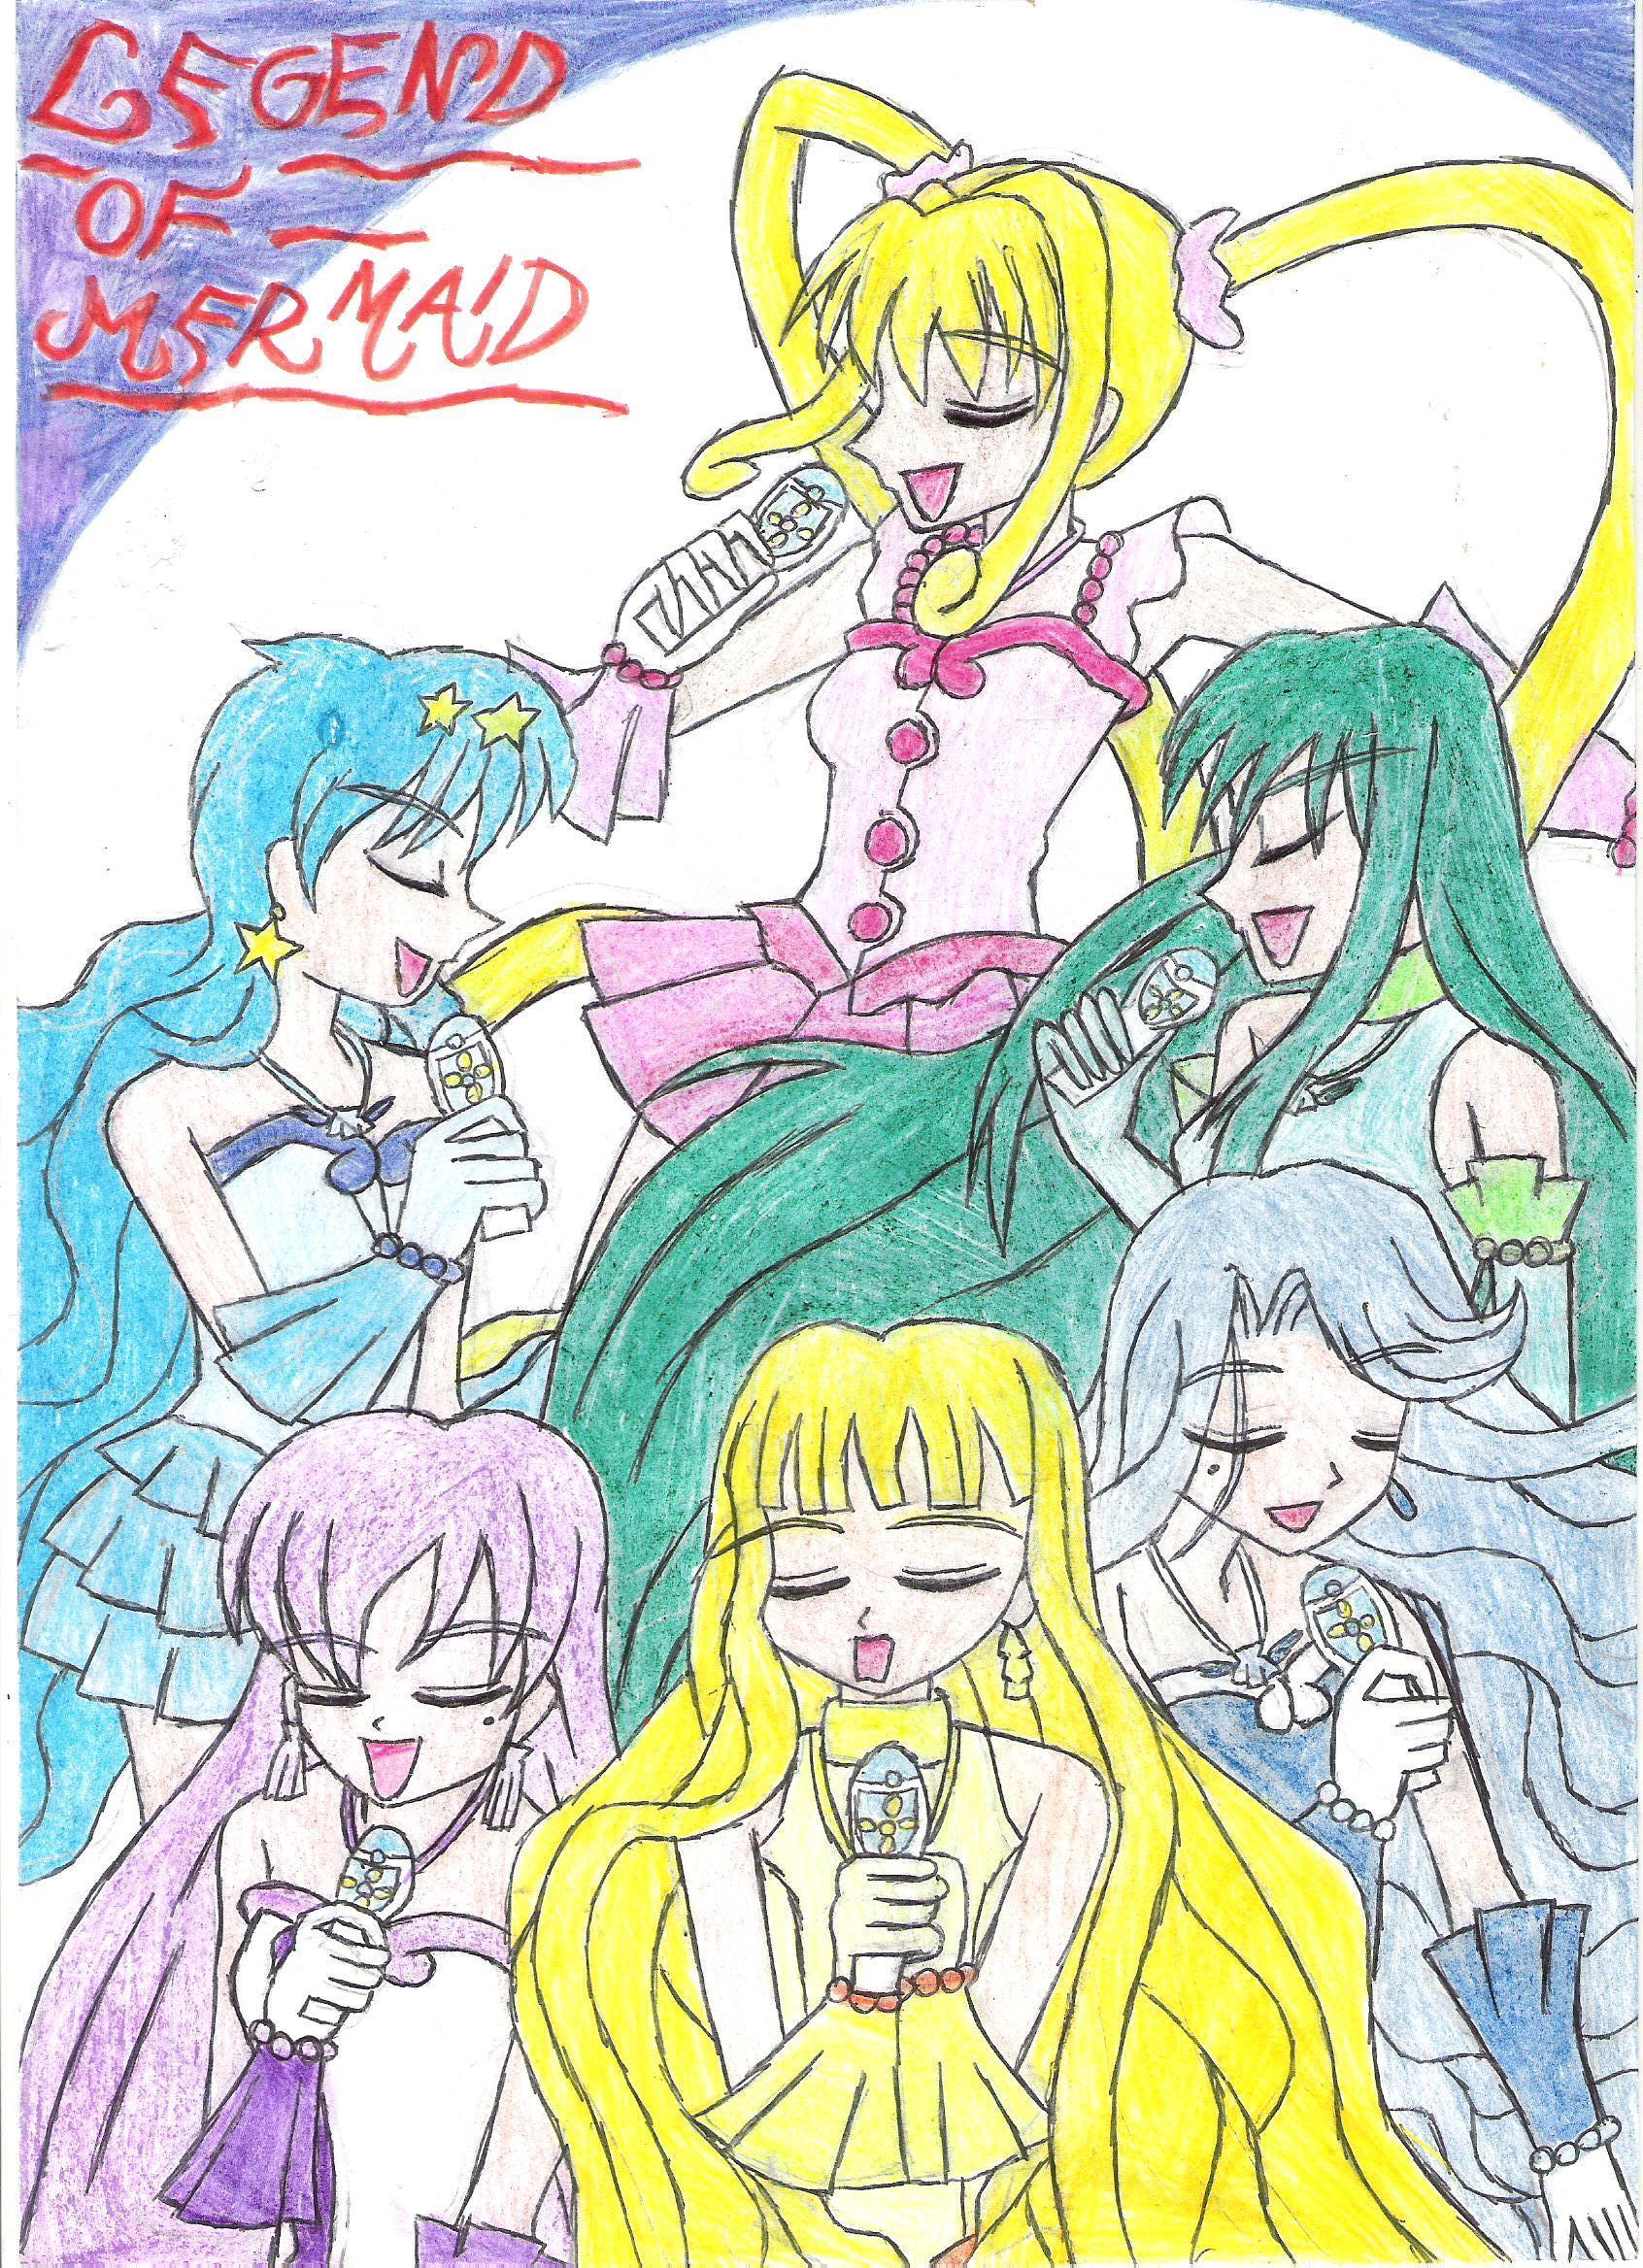 Mermaid_Melody-_Legend_of_Mermaid.jpg